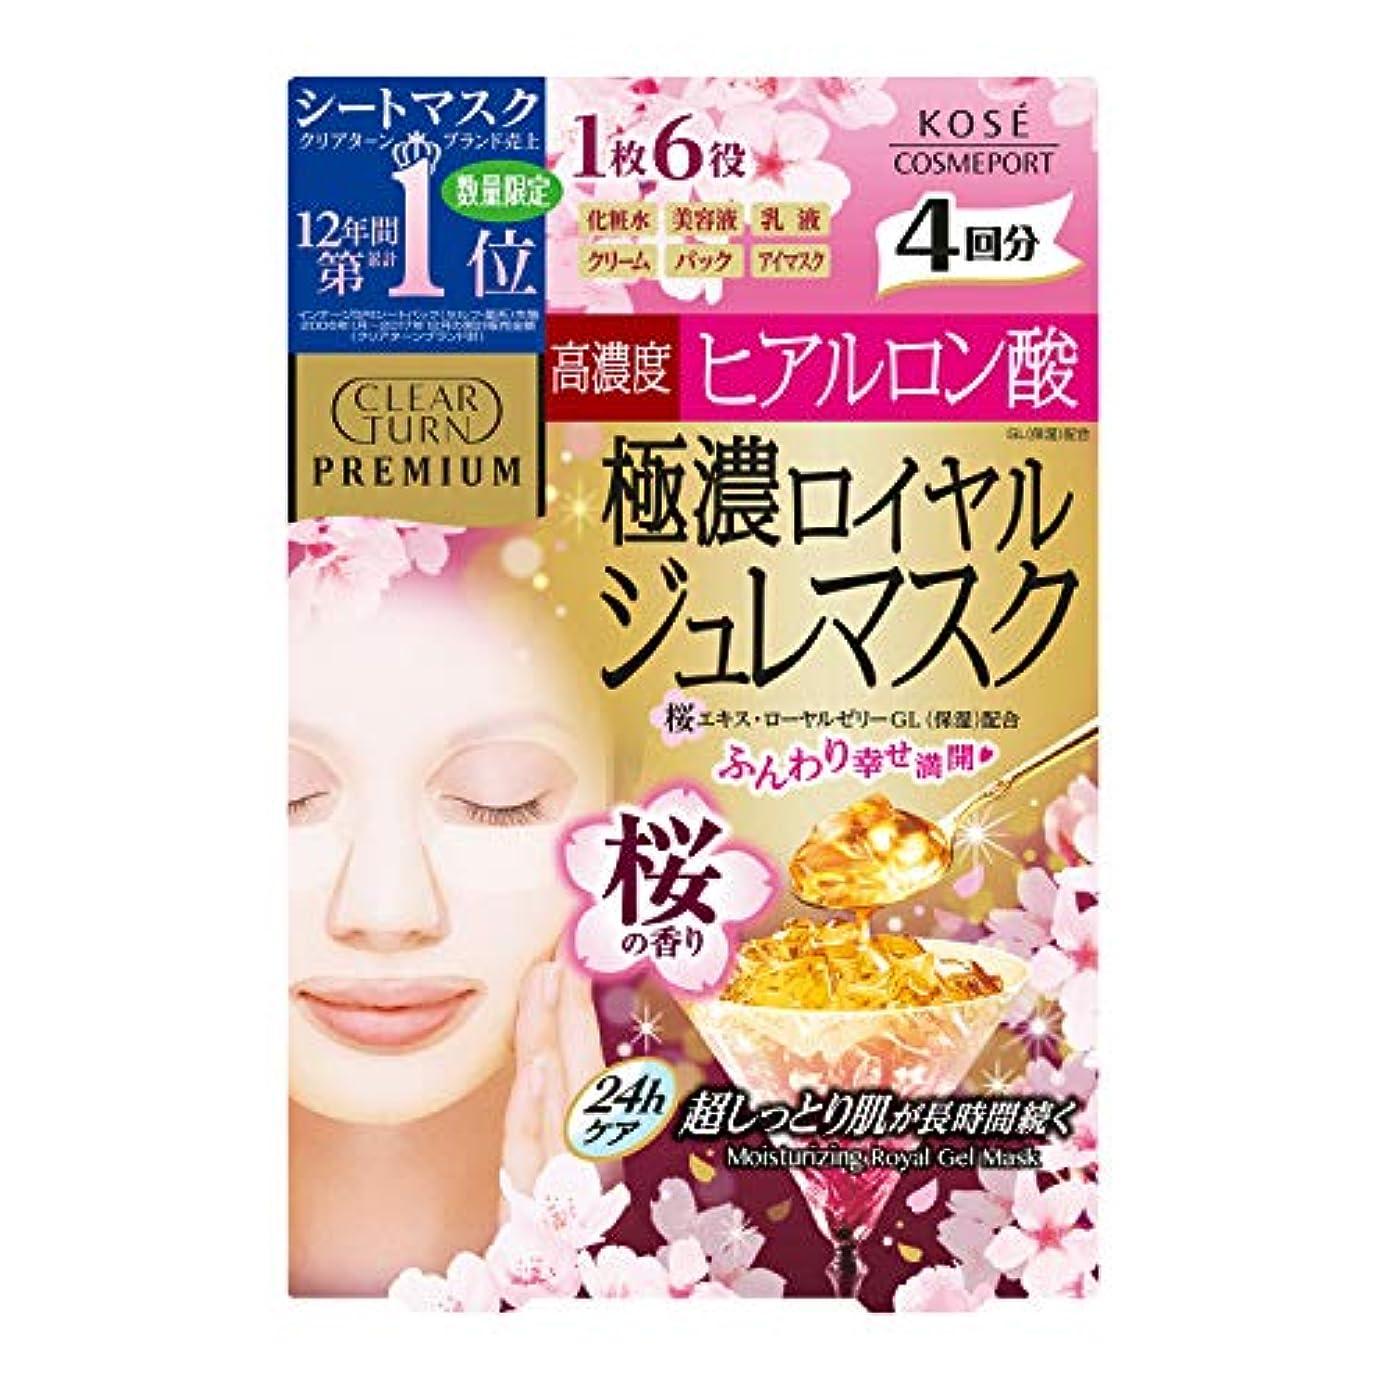 有能なキャラバン芝生KOSE クリアターン プレミアムロイヤルジュレマスク(ヒアルロン酸)4回 桜の香り